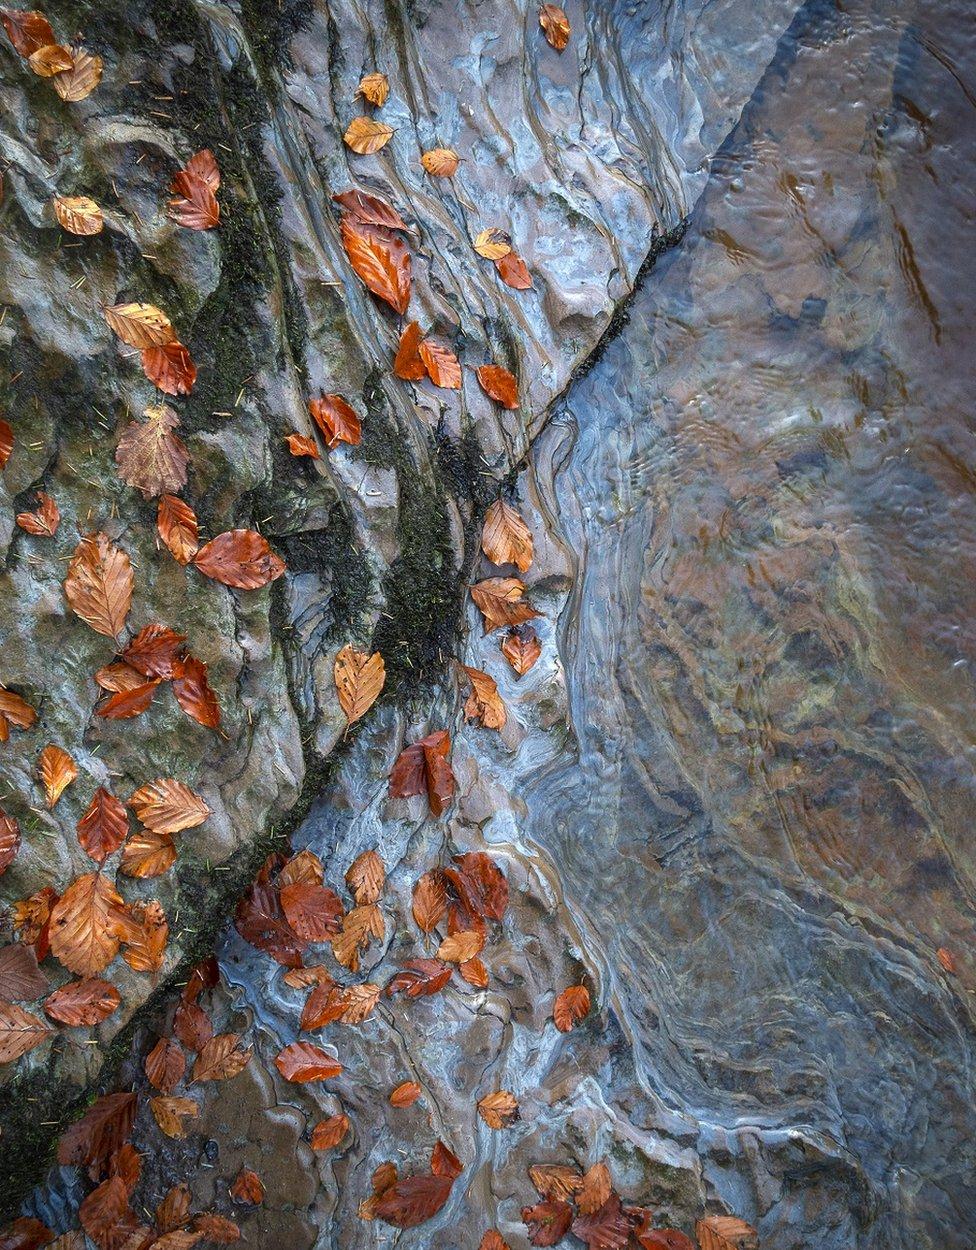 Chatelherault Parkı'nda çekilen bu sonbahar fotoğrafı, portfolyodaki üçüncü fotoğraftı